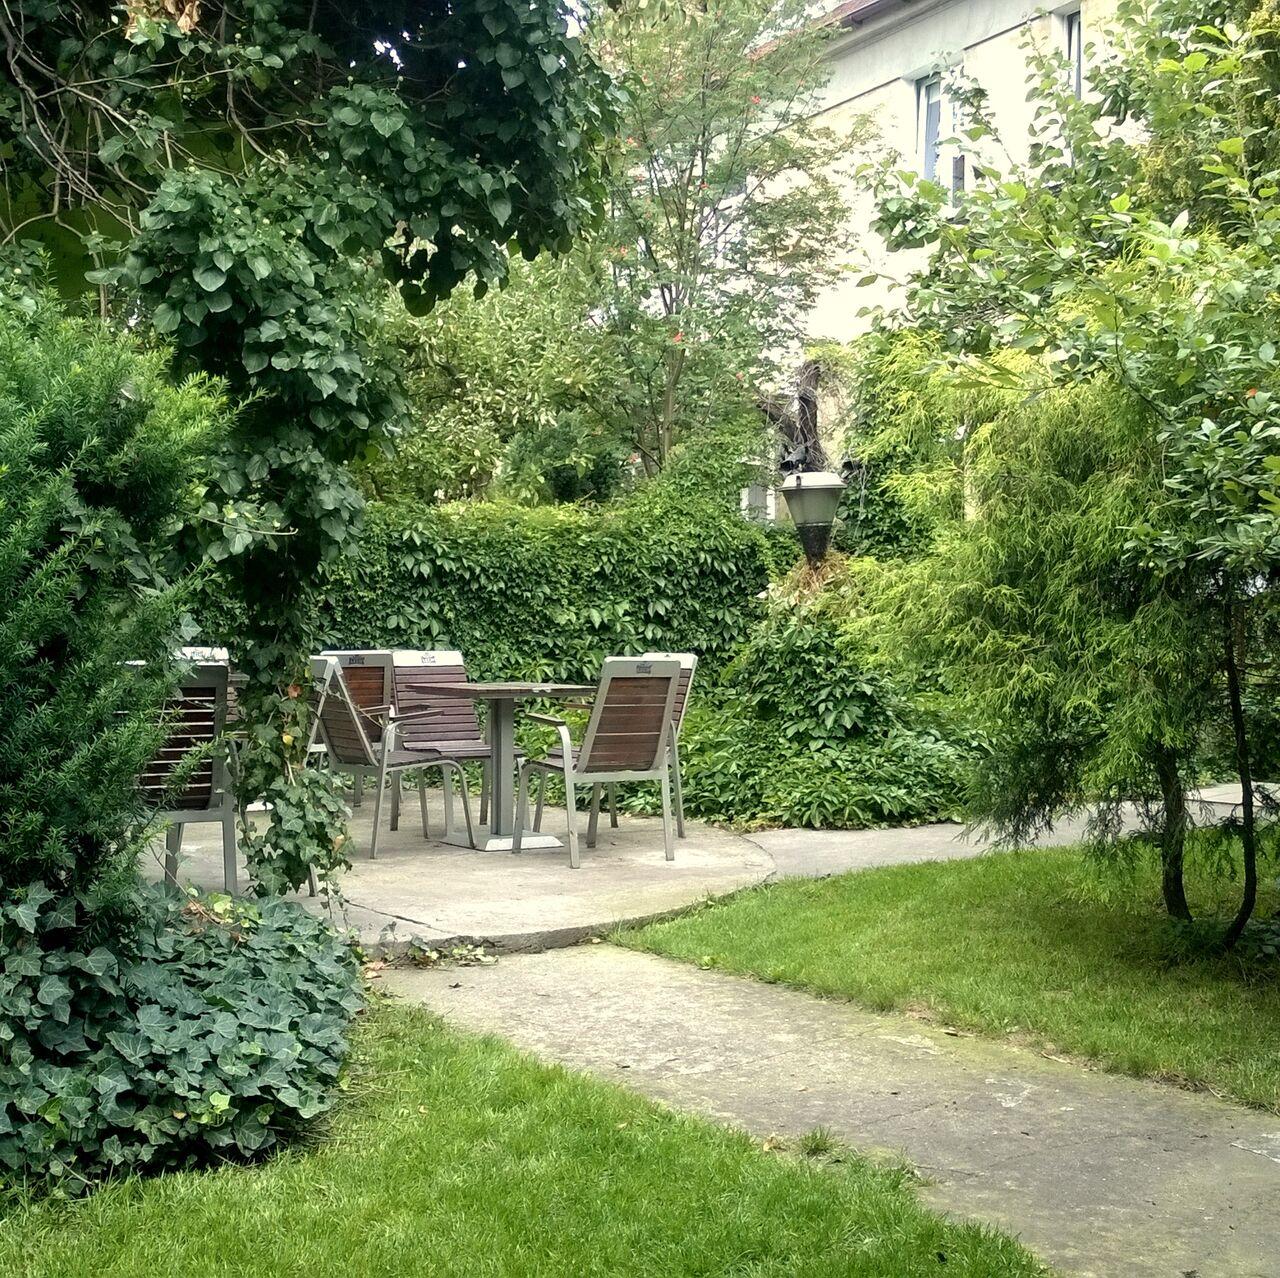 w sezonie letnim zapraszamy do naszego ogrodu!